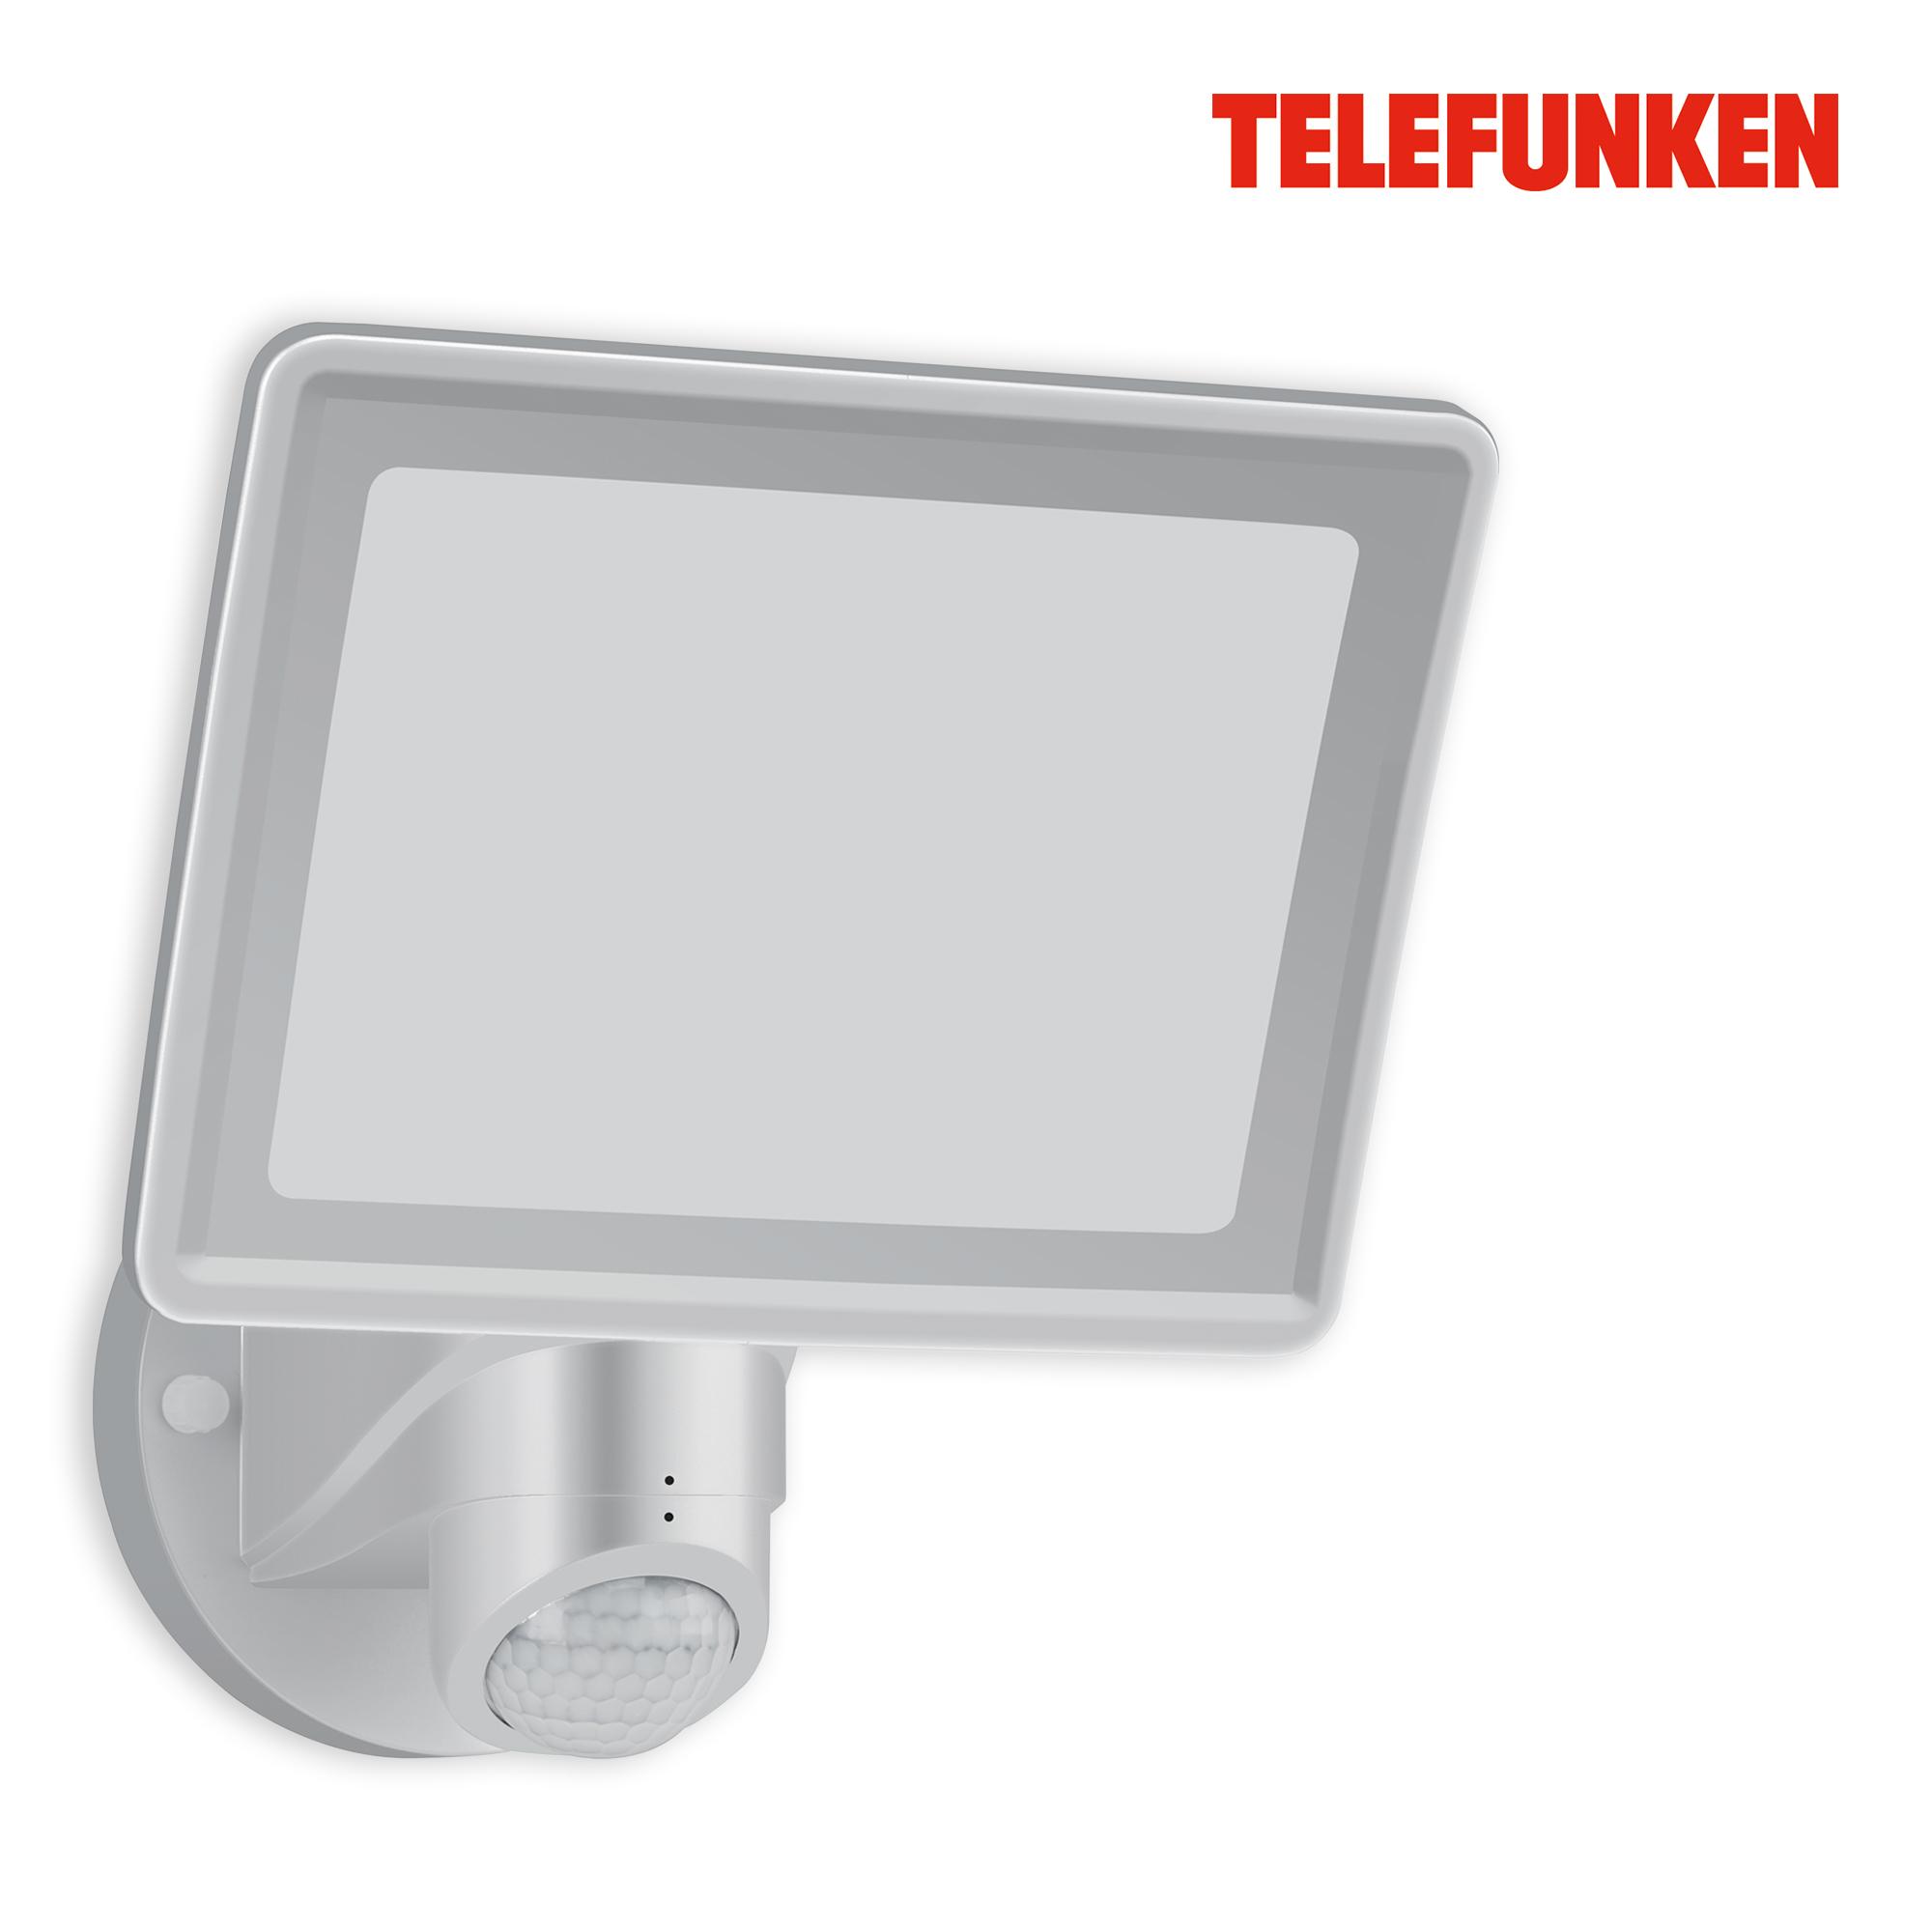 TELEFUNKEN LED Sensor Außenstrahler Silber